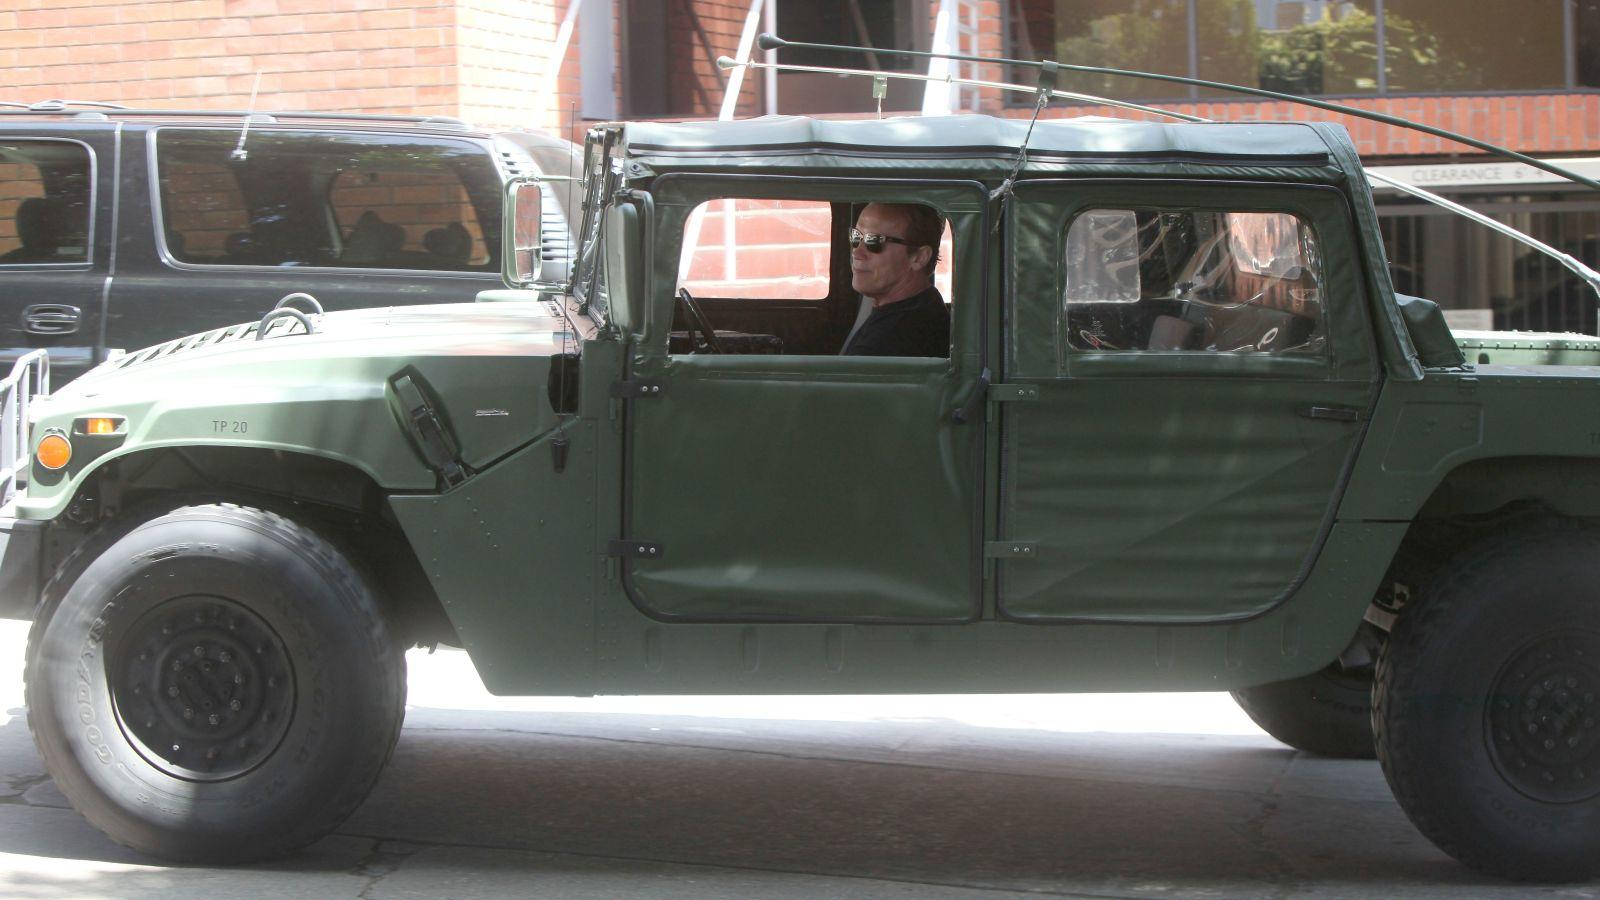 A volt kaliforniai kormányzó valószínűleg még idén év elején, mintegy 2,5 millió dollárért vált meg Bugatti Veyronjától, ám pánikra semmi ok, azóta egy, az amerikai hadsereg által is használt Hummer H1 katonai terepjáróval furikázik. Arnold Schwarzeneggert a géppel először még márciusban látták, amint azzal ment Los Angelesben egy vacsorára a barátaival. A választásán azonban nincs mit csodálkozni, elvégre mégis ő a Terminátor! (Beverly News/Shutterstock)